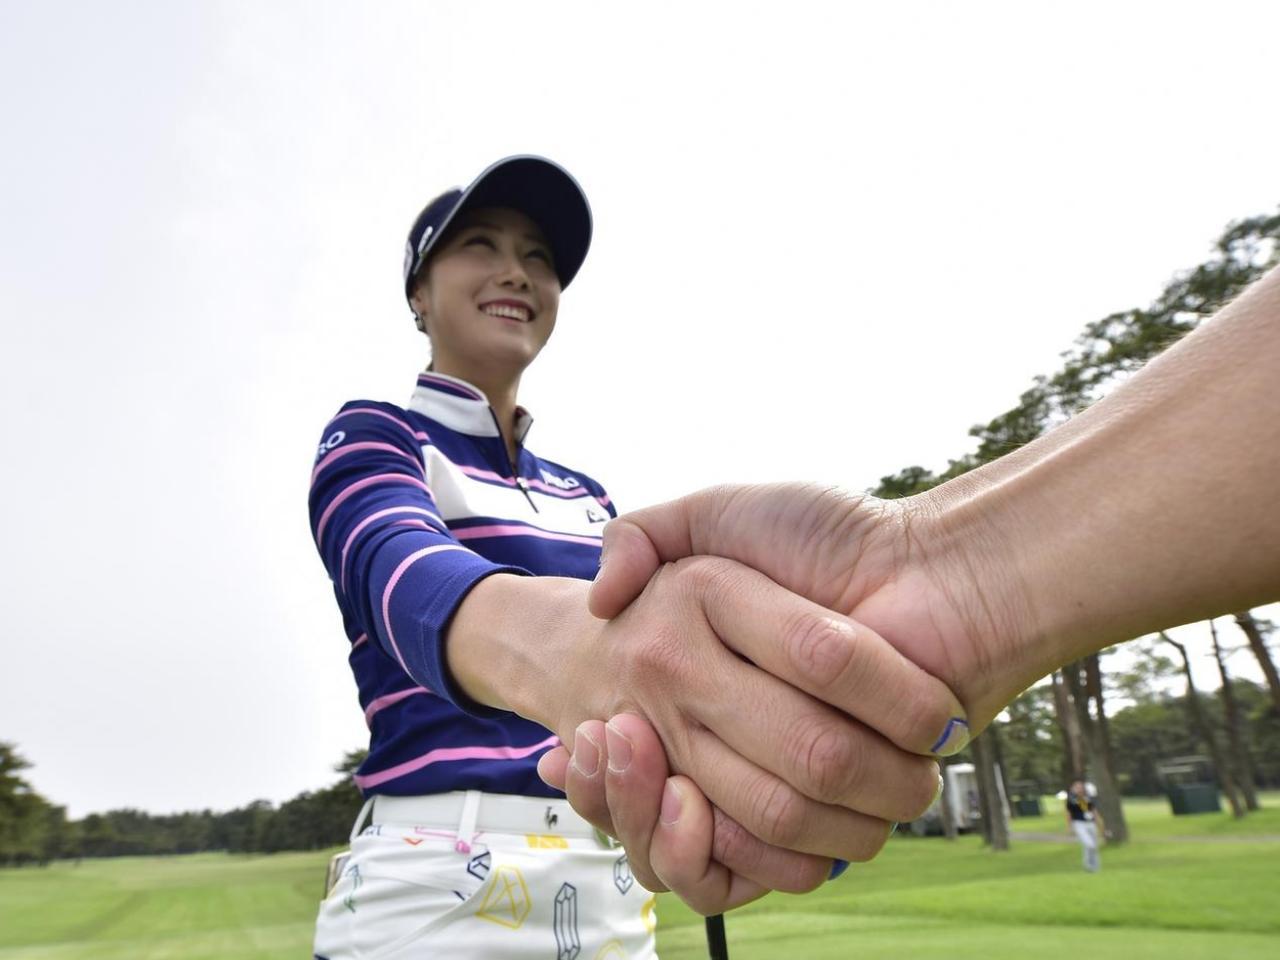 """画像: """"握手""""をしたら実感できた。キム・ハヌルの飛ばしの「秘密」 - みんなのゴルフダイジェスト"""